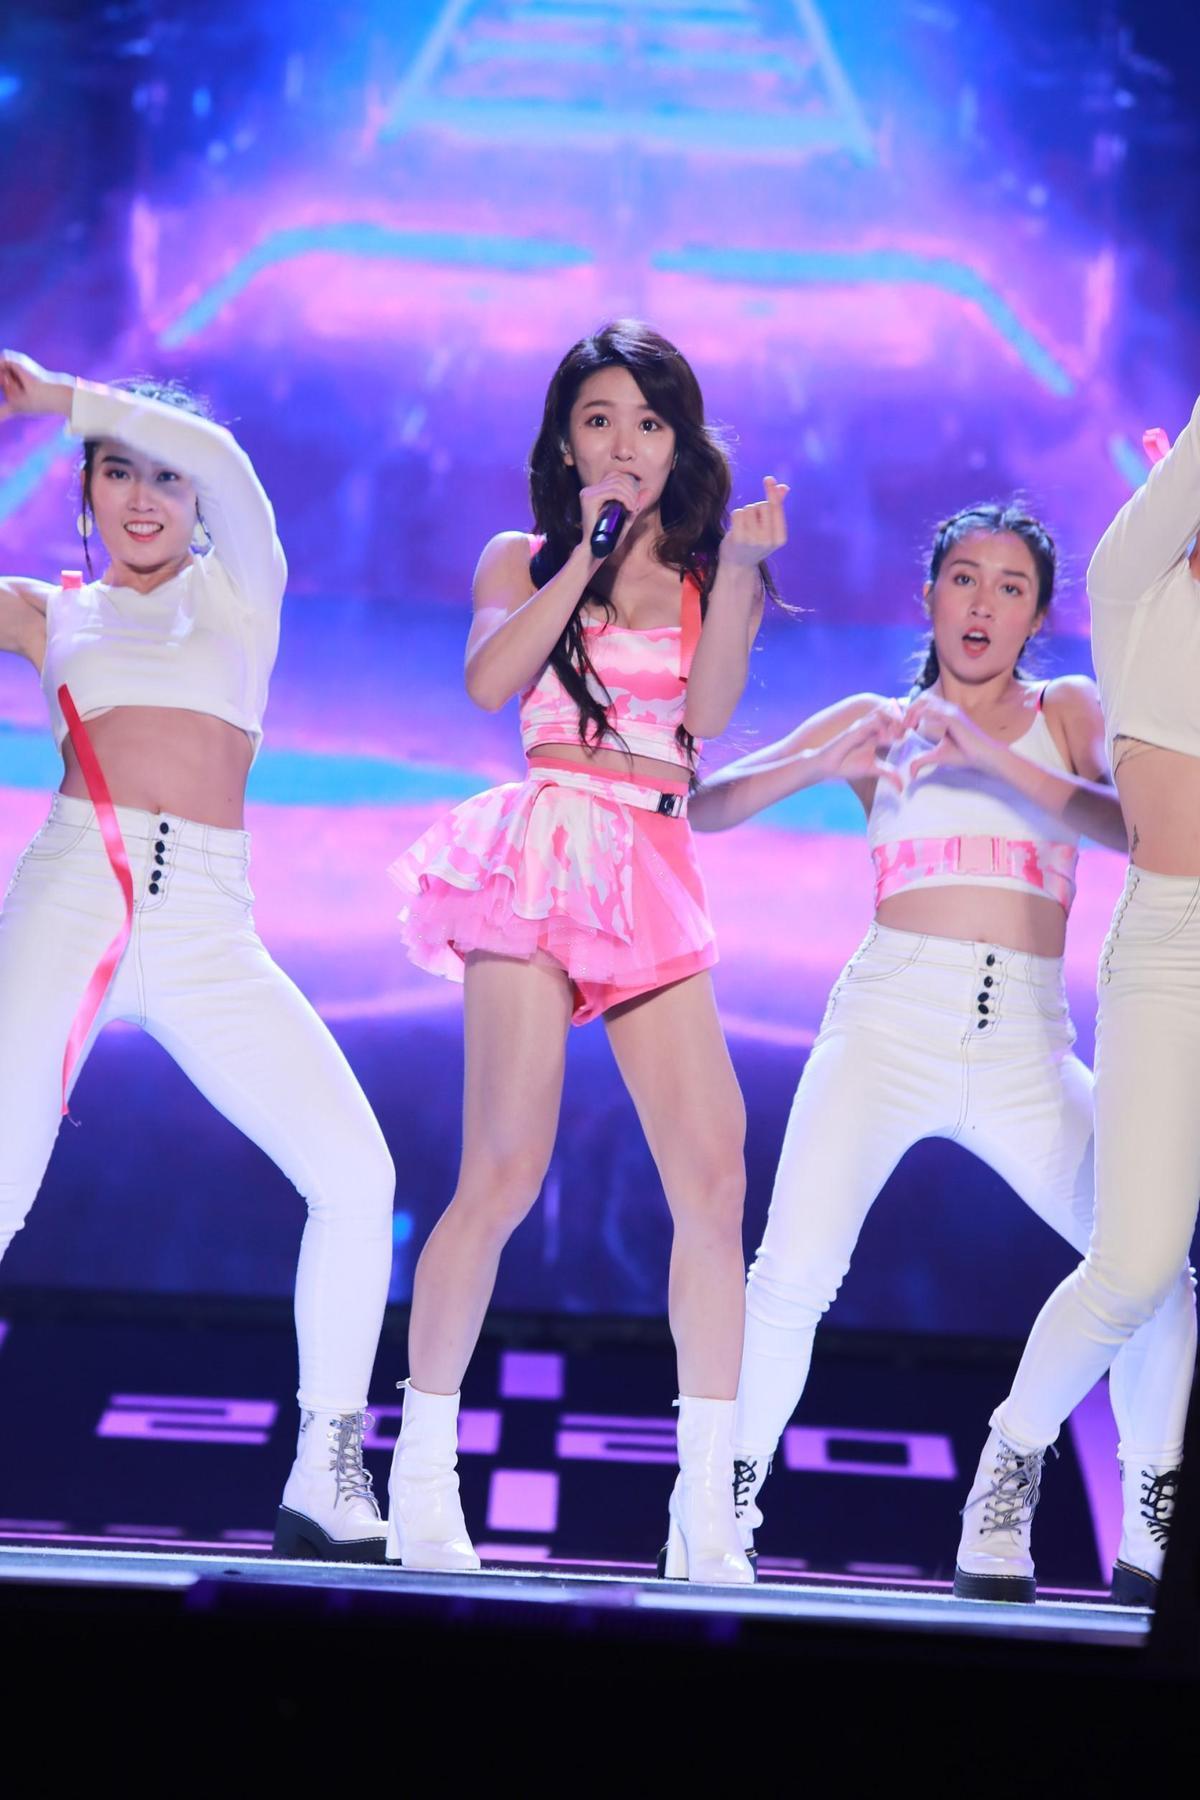 郭書瑤誠意滿滿的粉色系低胸上衣搭配超短褲裙熱舞。(民視提供)